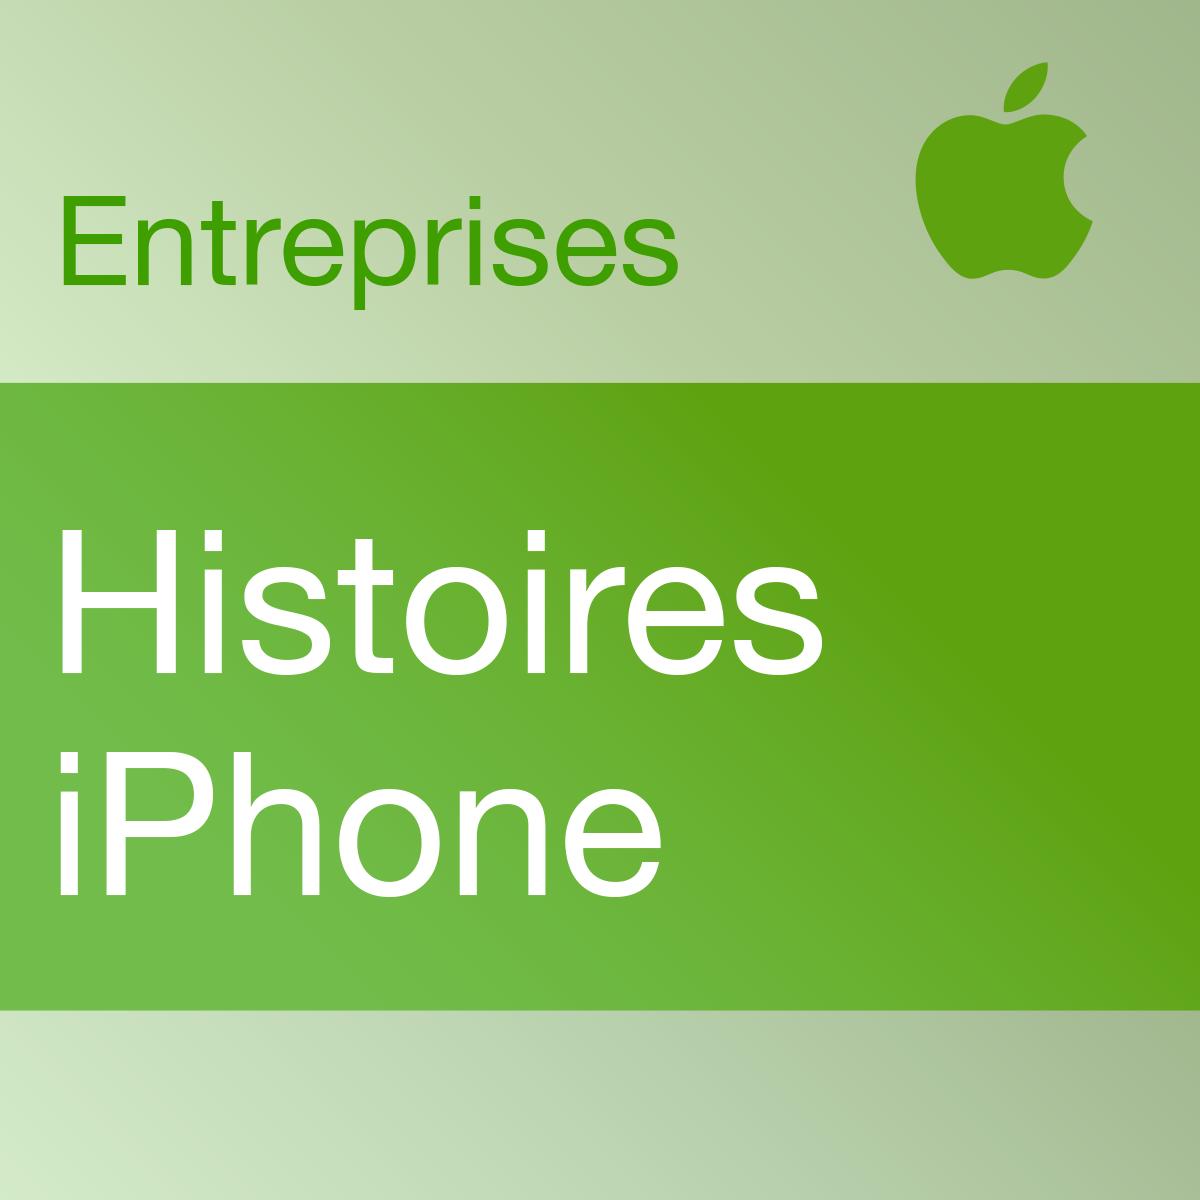 iPhone en entreprise: Témoignages de clients